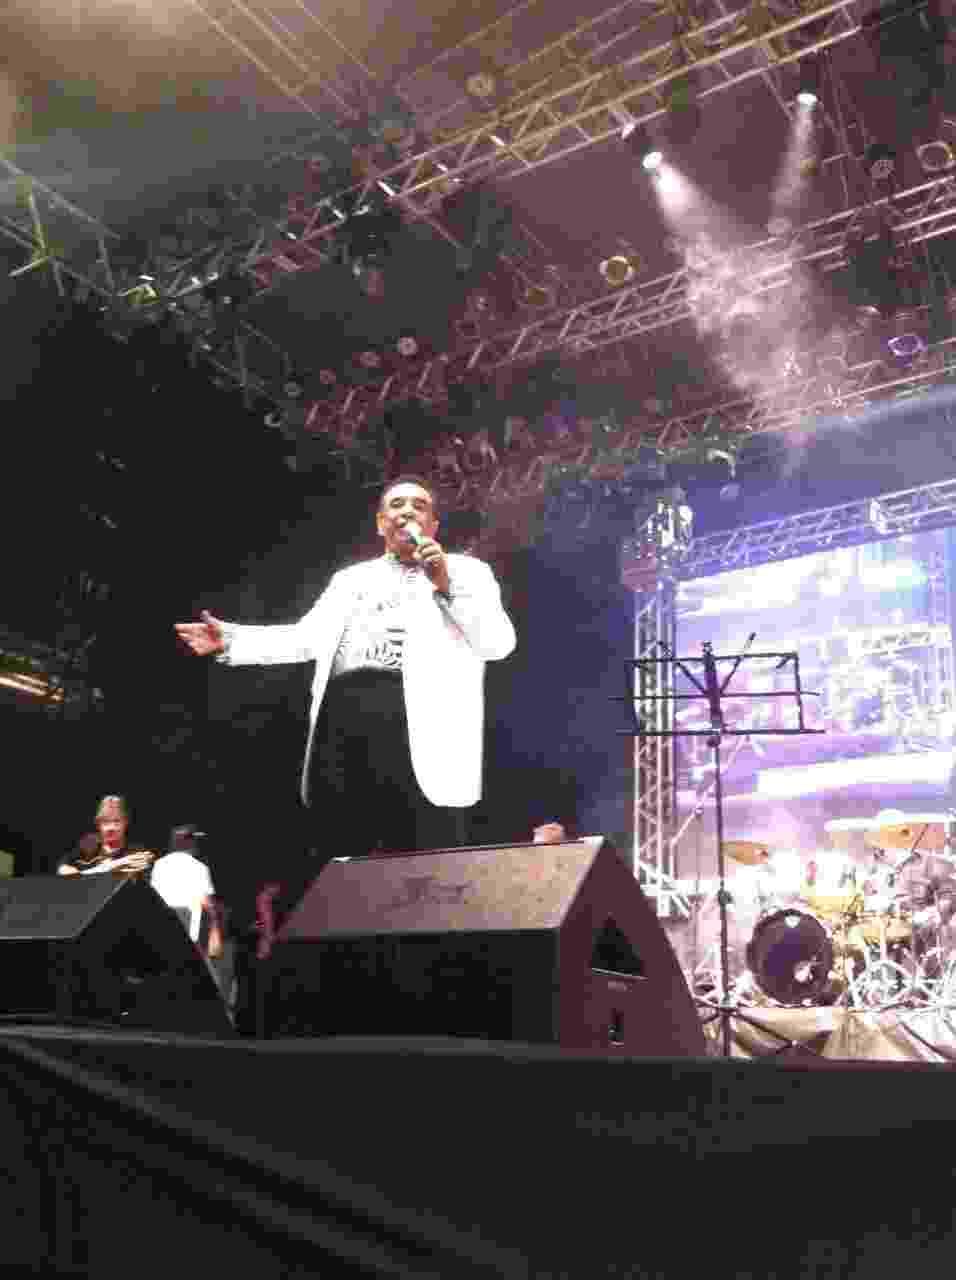 22.mai,2016 - O cantor Agnaldo Timóteo foi uma das atrações do show em homenagem ao cantor Cauby Peixoto, morto há uma semana, na praça da República, centro de São Paulo, durante a Virada Cultural - Carlos Minuano/UOL